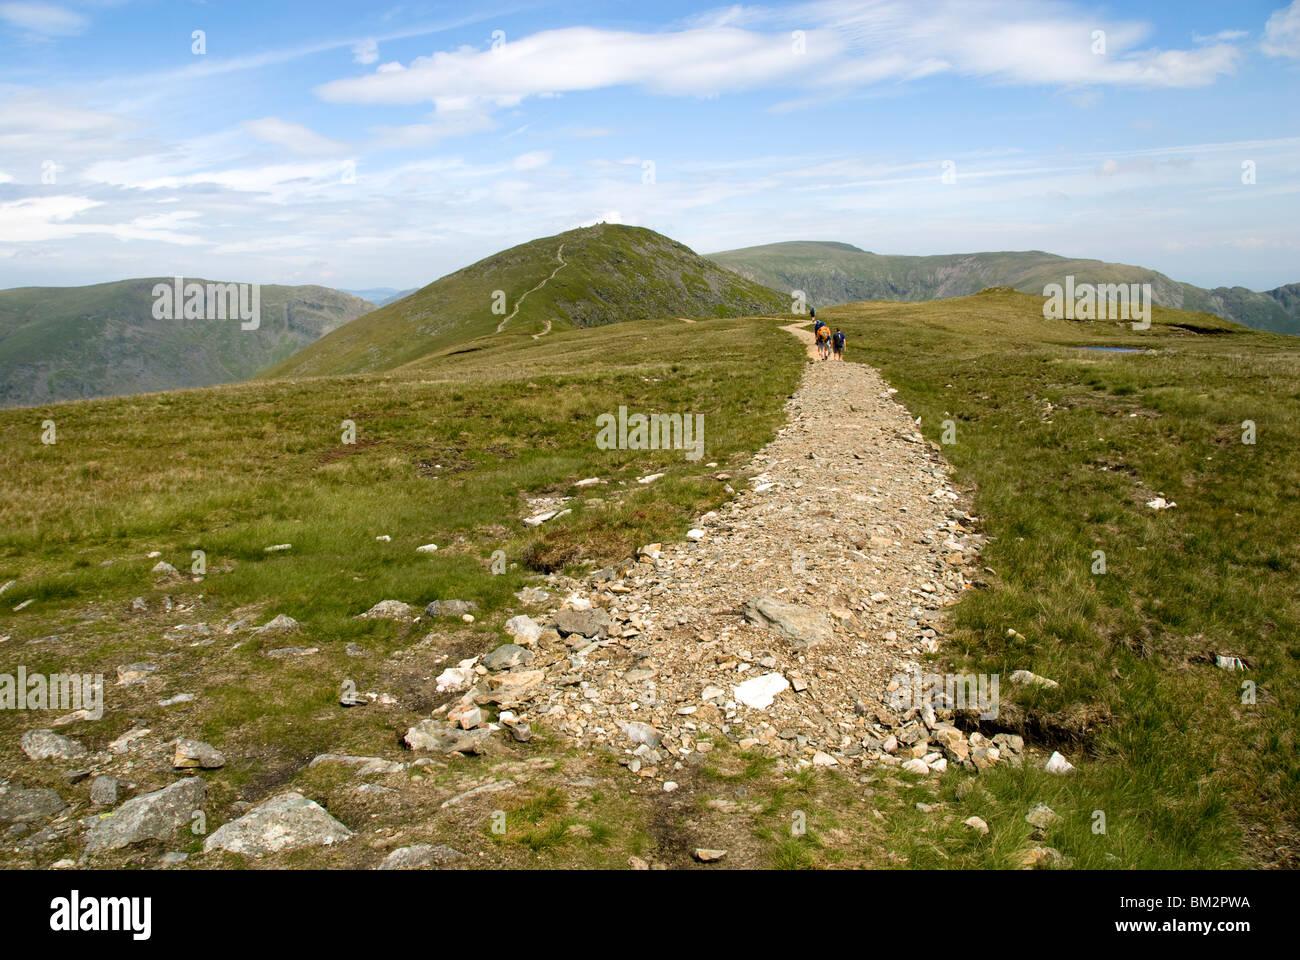 Restored footpath on the ridge of Yoke, Kentmere Horseshoe walk, Lake District, Cumbria, England, UK - Stock Image